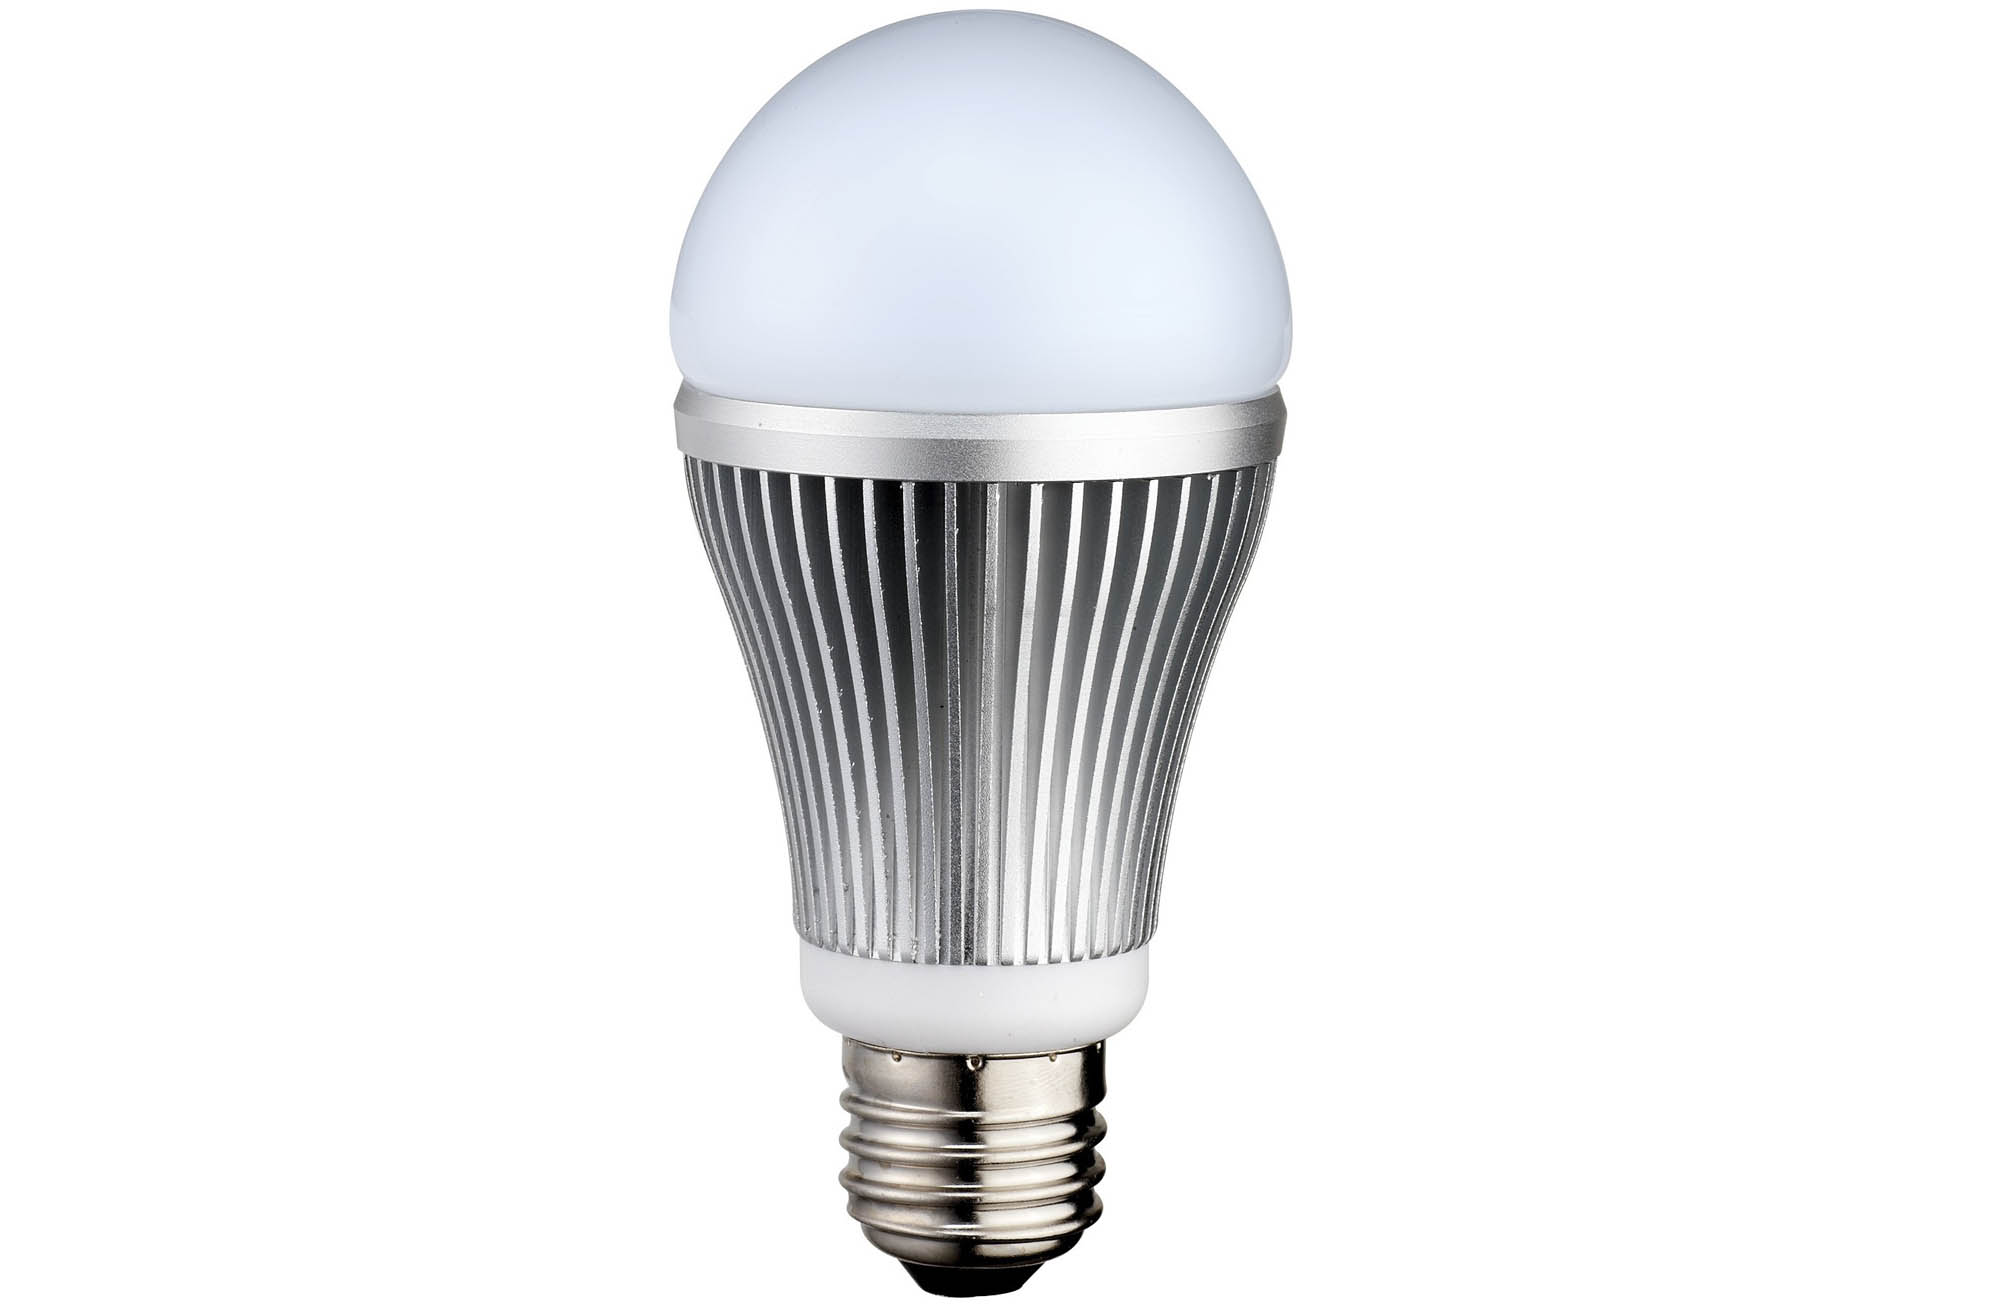 لامپ ال ای دی مناسب نور پرورش سالن